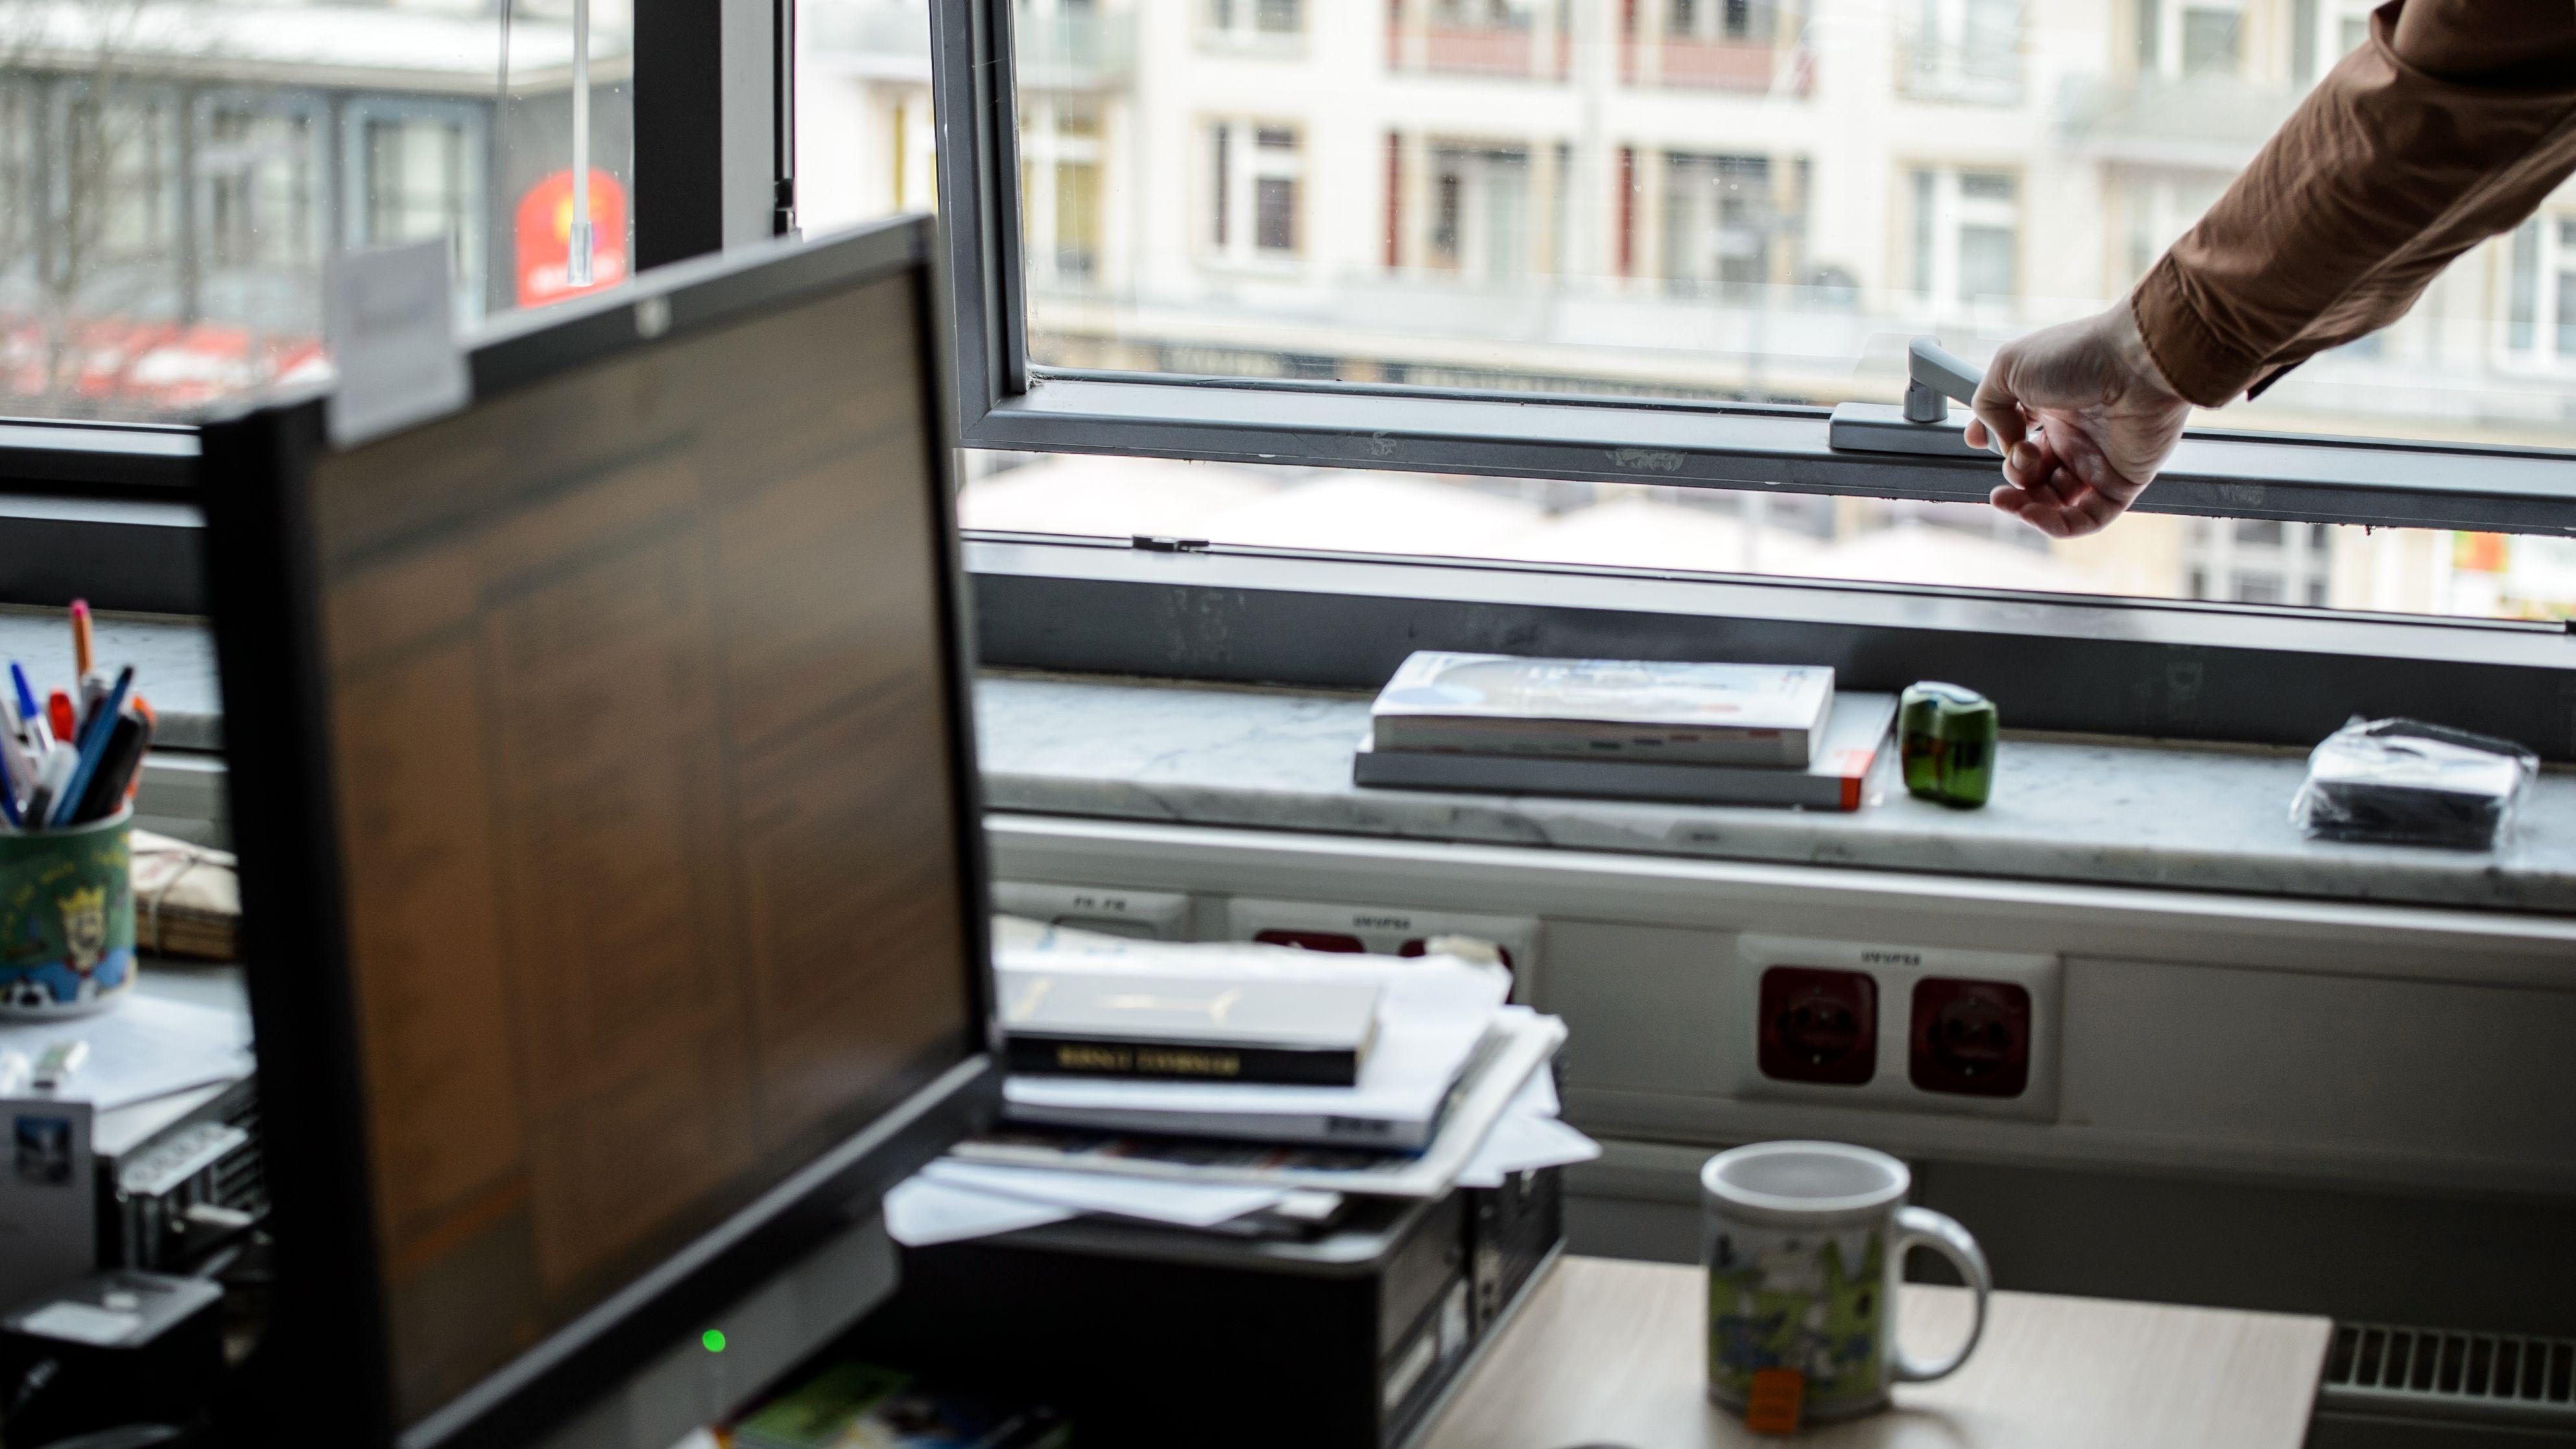 Ein Angestellter steht in einem Büro an seinem Schreibtisch und öffnet das Fenster